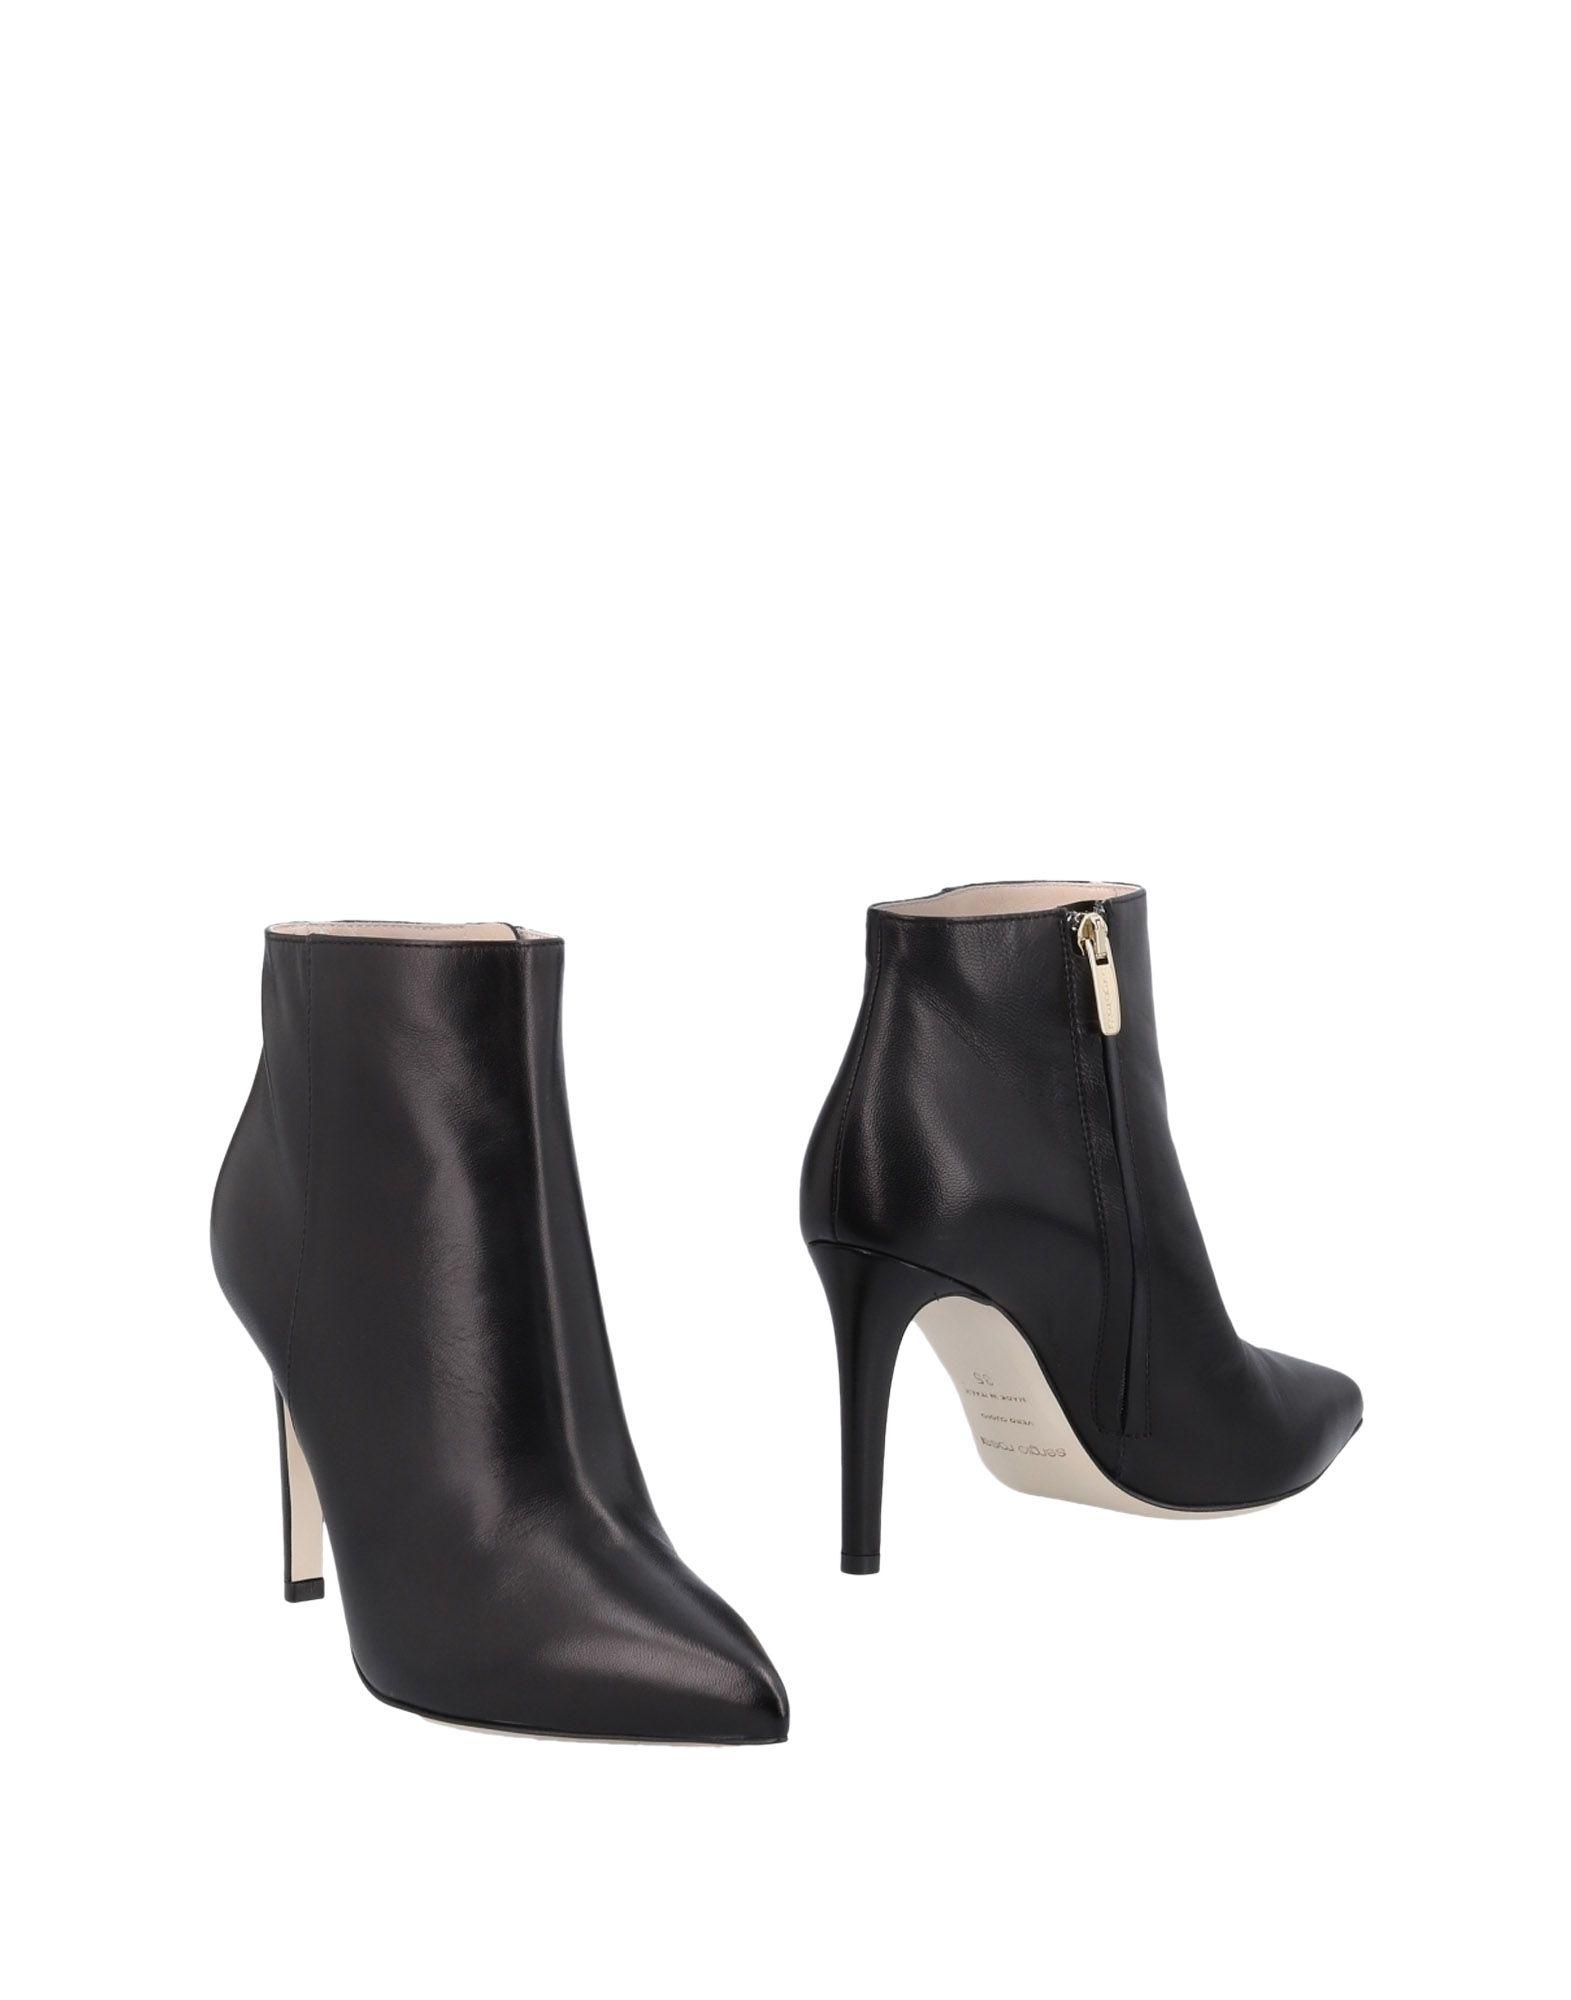 Sergio Rossi Stiefelette Schuhe Damen  11477656JI Beliebte Schuhe Stiefelette b3430e